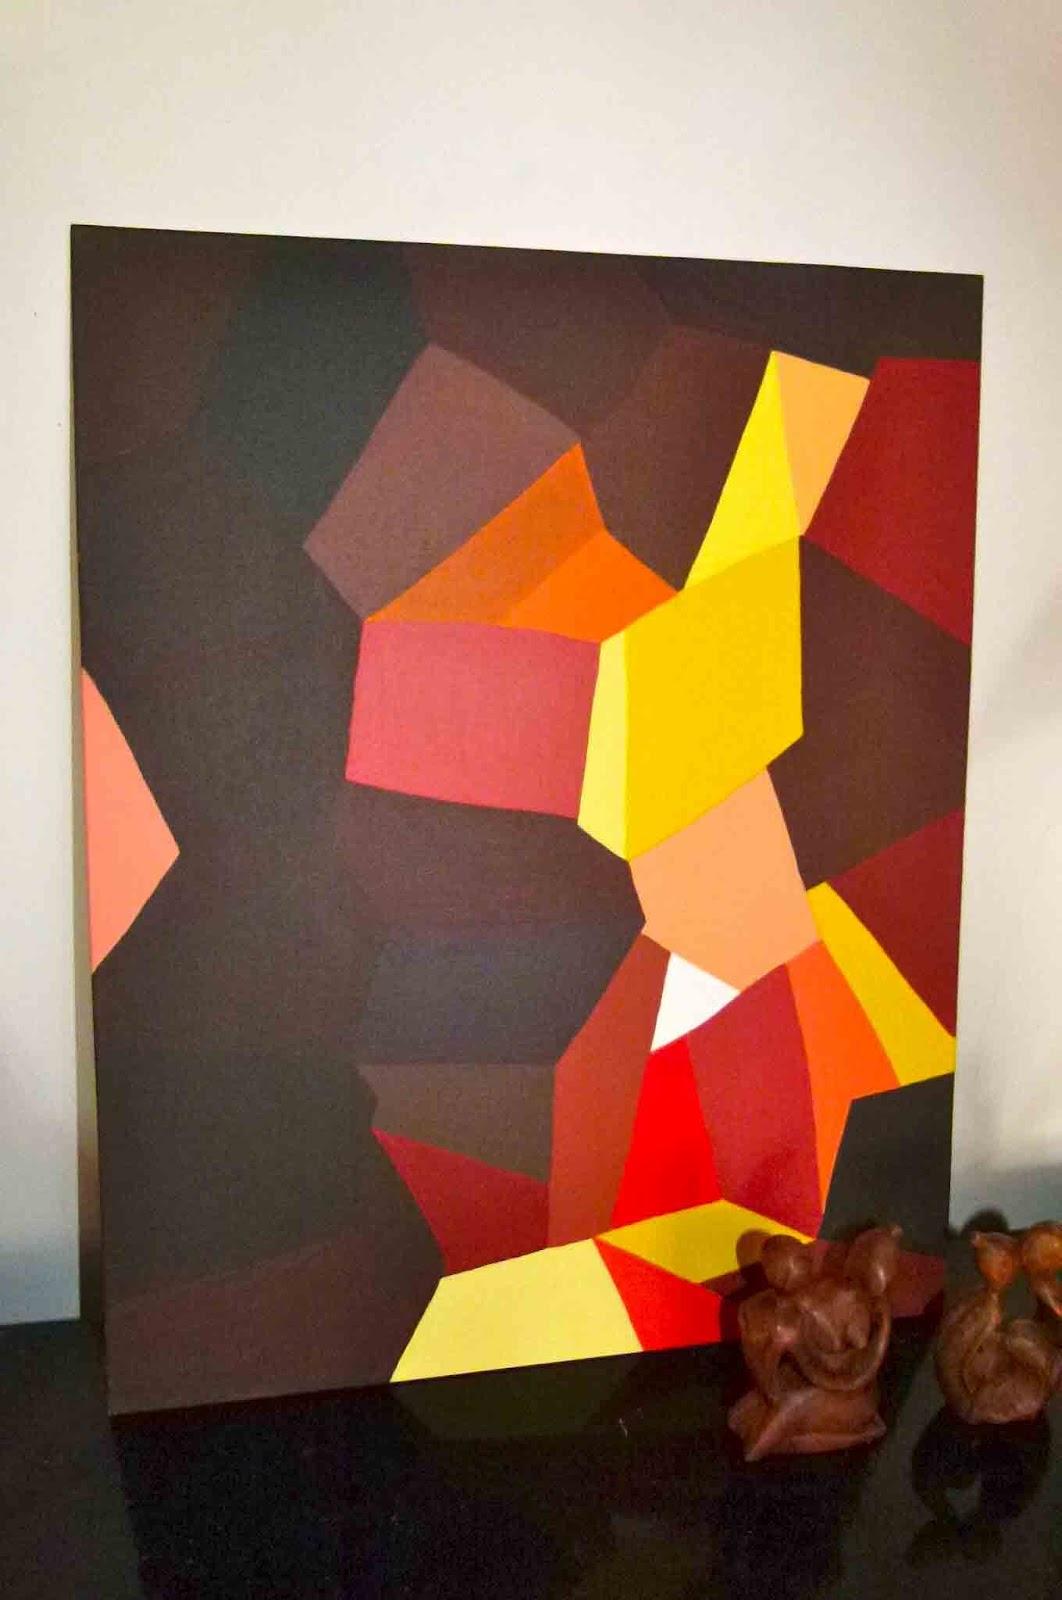 mimi glutte la p 39 tite fabrik peinture et photoshop. Black Bedroom Furniture Sets. Home Design Ideas